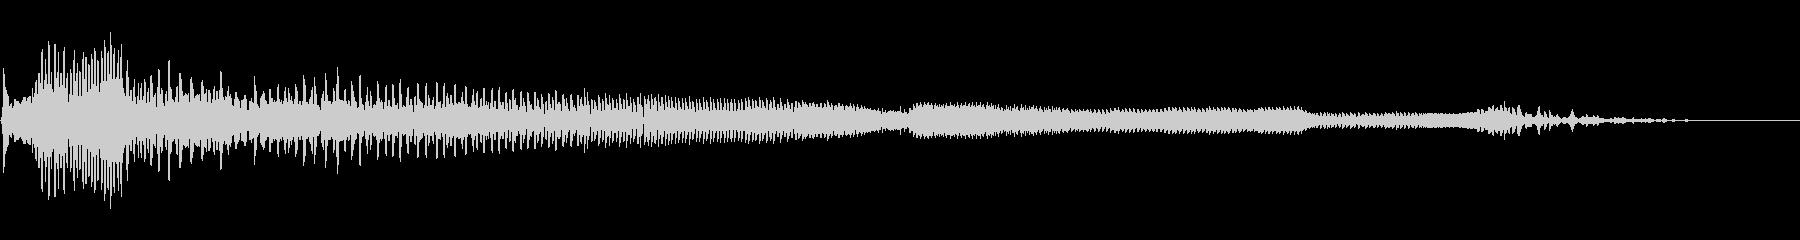 うぅうううの未再生の波形